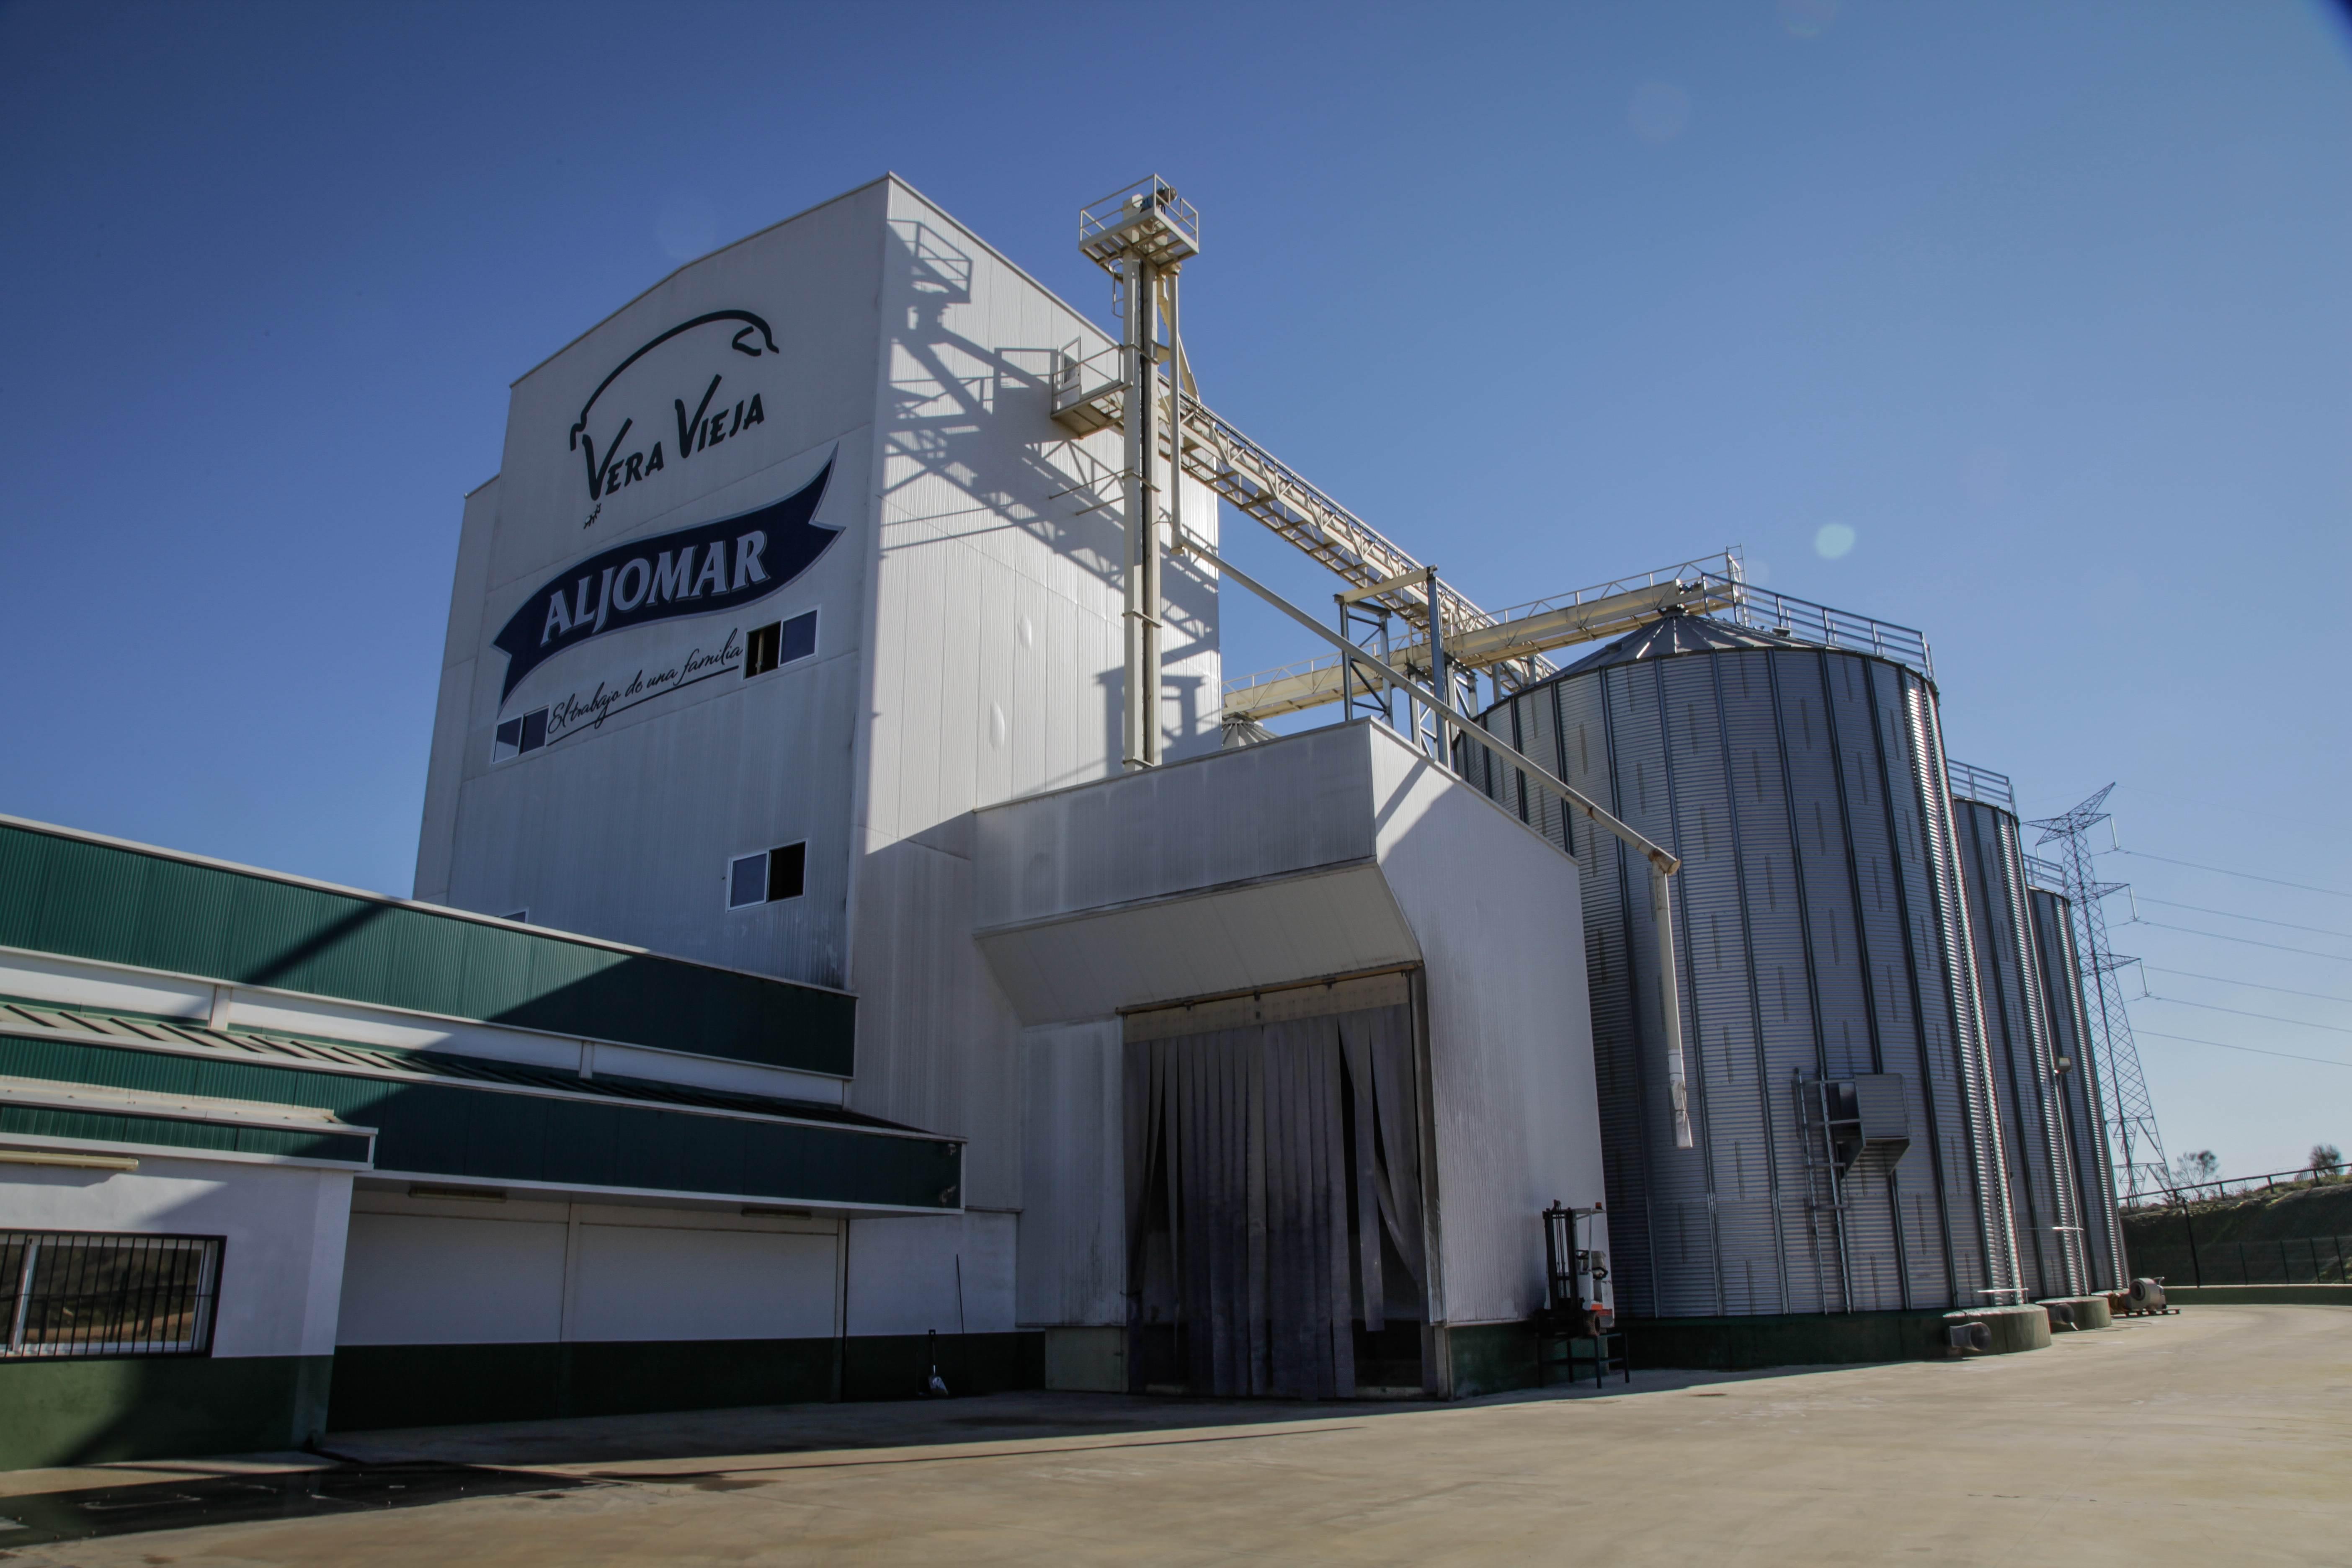 Fábrica de piensos naturales de Vera Vieja, la explotación agropecuaria del Grupo Aljomar